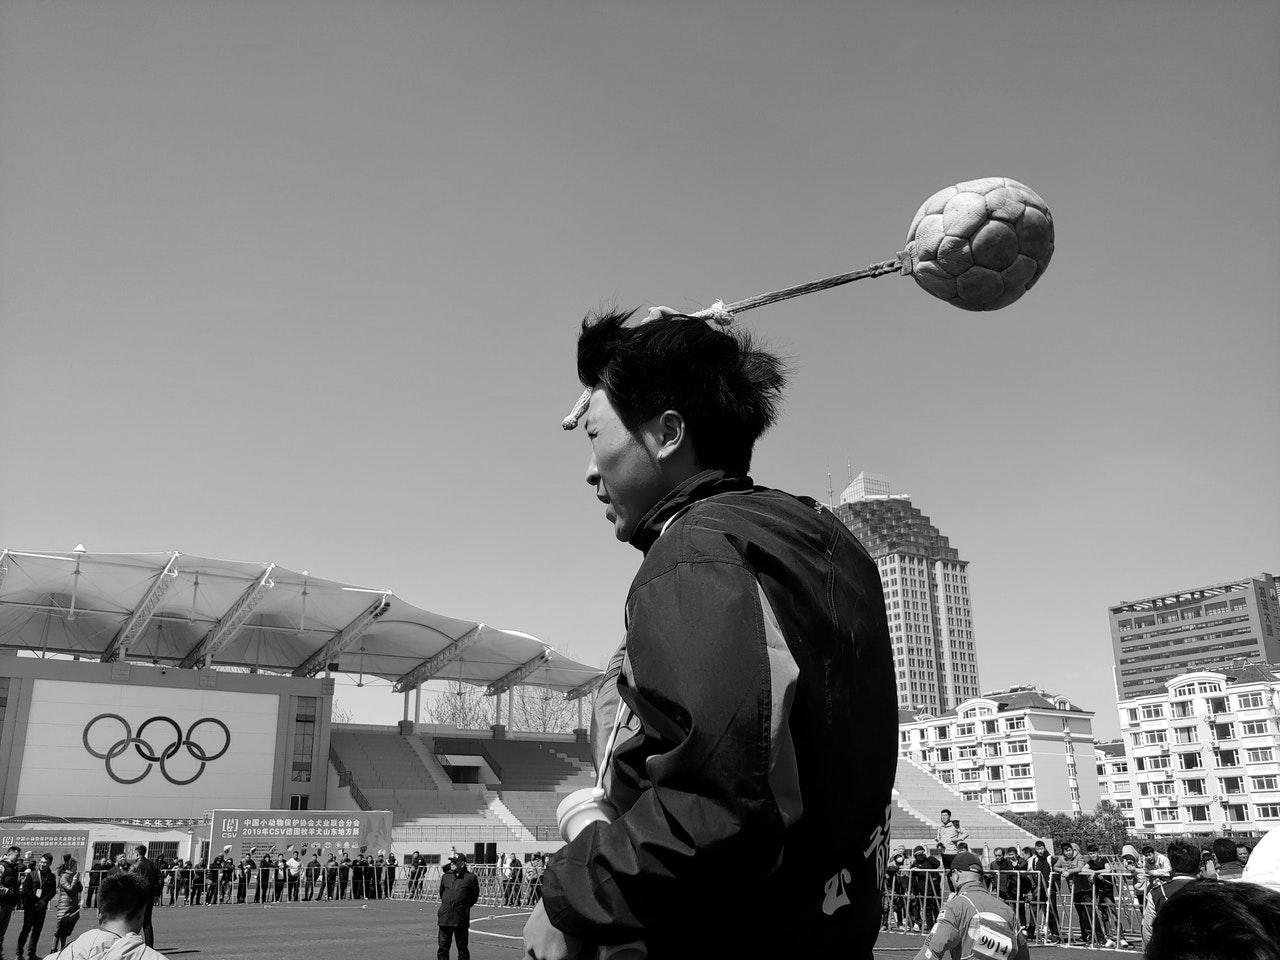 Koronavirus u Japanu, nije sigurno održavanje Olimpijskih igara